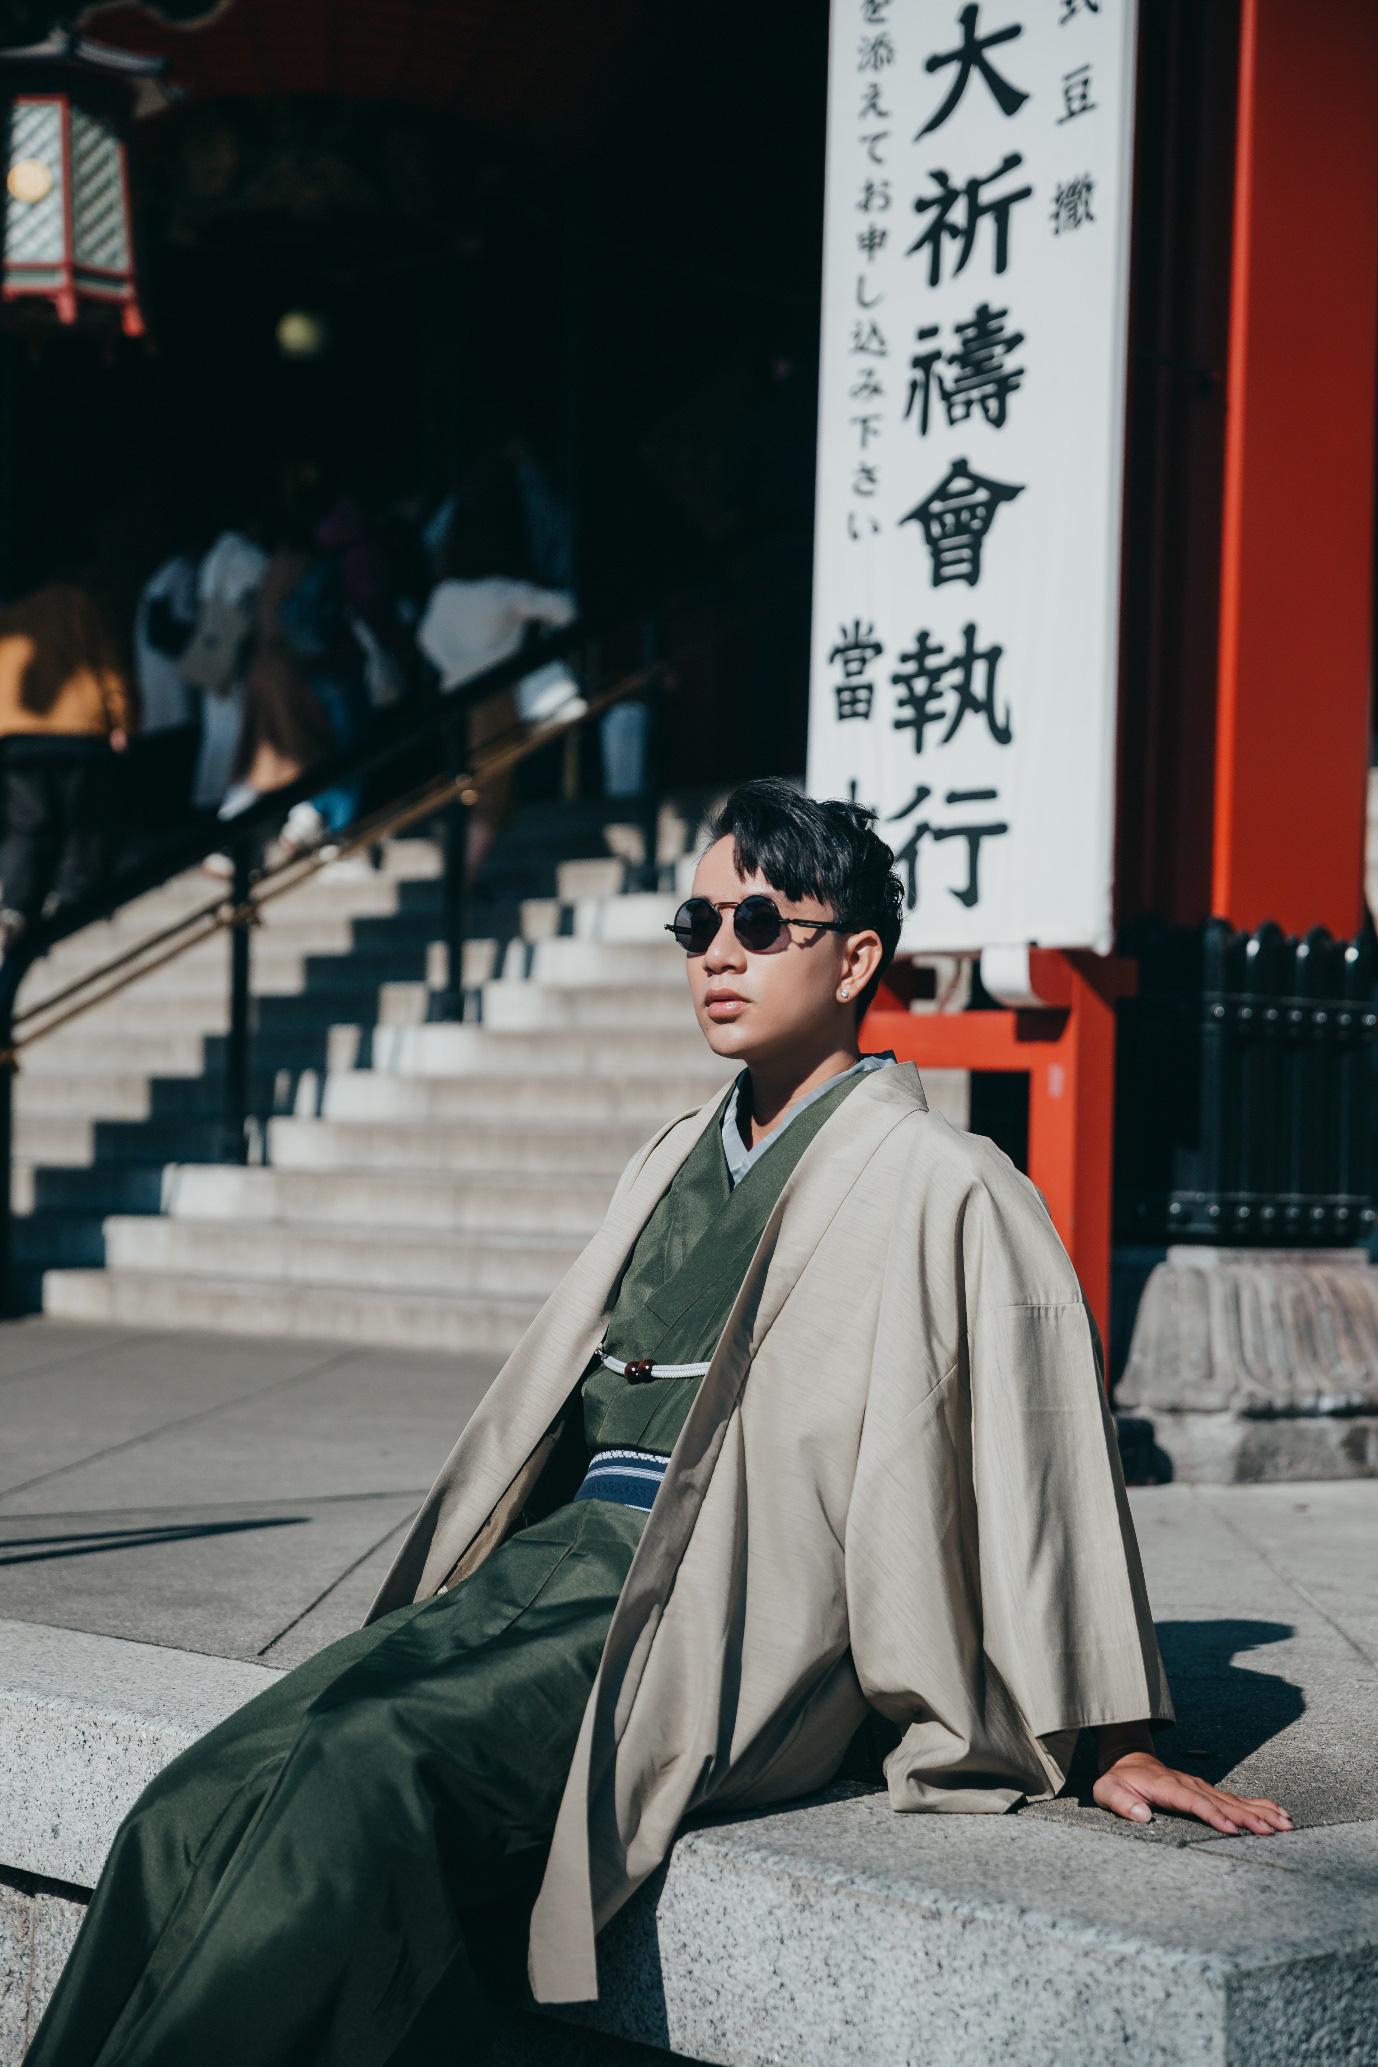 Khám phá những địa danh không thể bỏ qua trong chuyến đi Nhật Bản dành cho những tín đồ mê xê dịch - Ảnh 4.